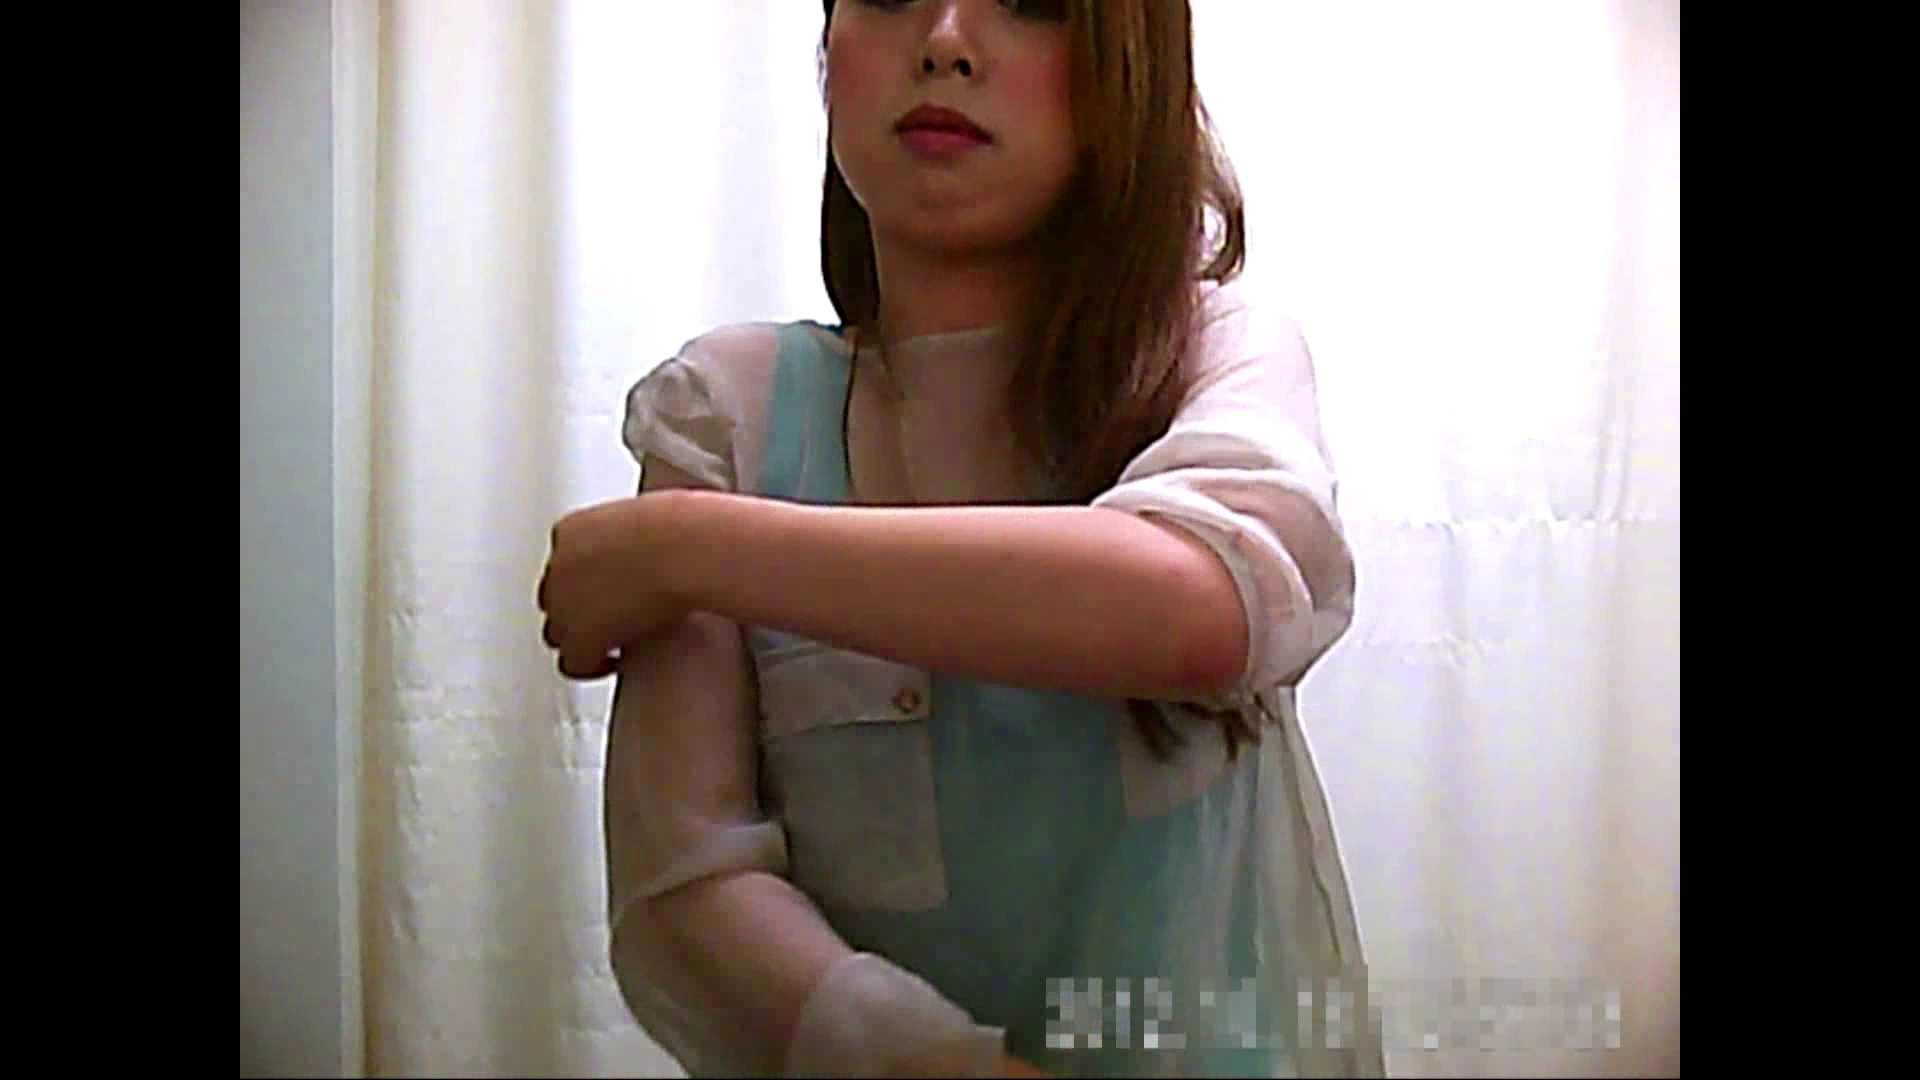 元医者による反抗 更衣室地獄絵巻 vol.053 お姉さんのSEX おまんこ動画流出 94枚 83